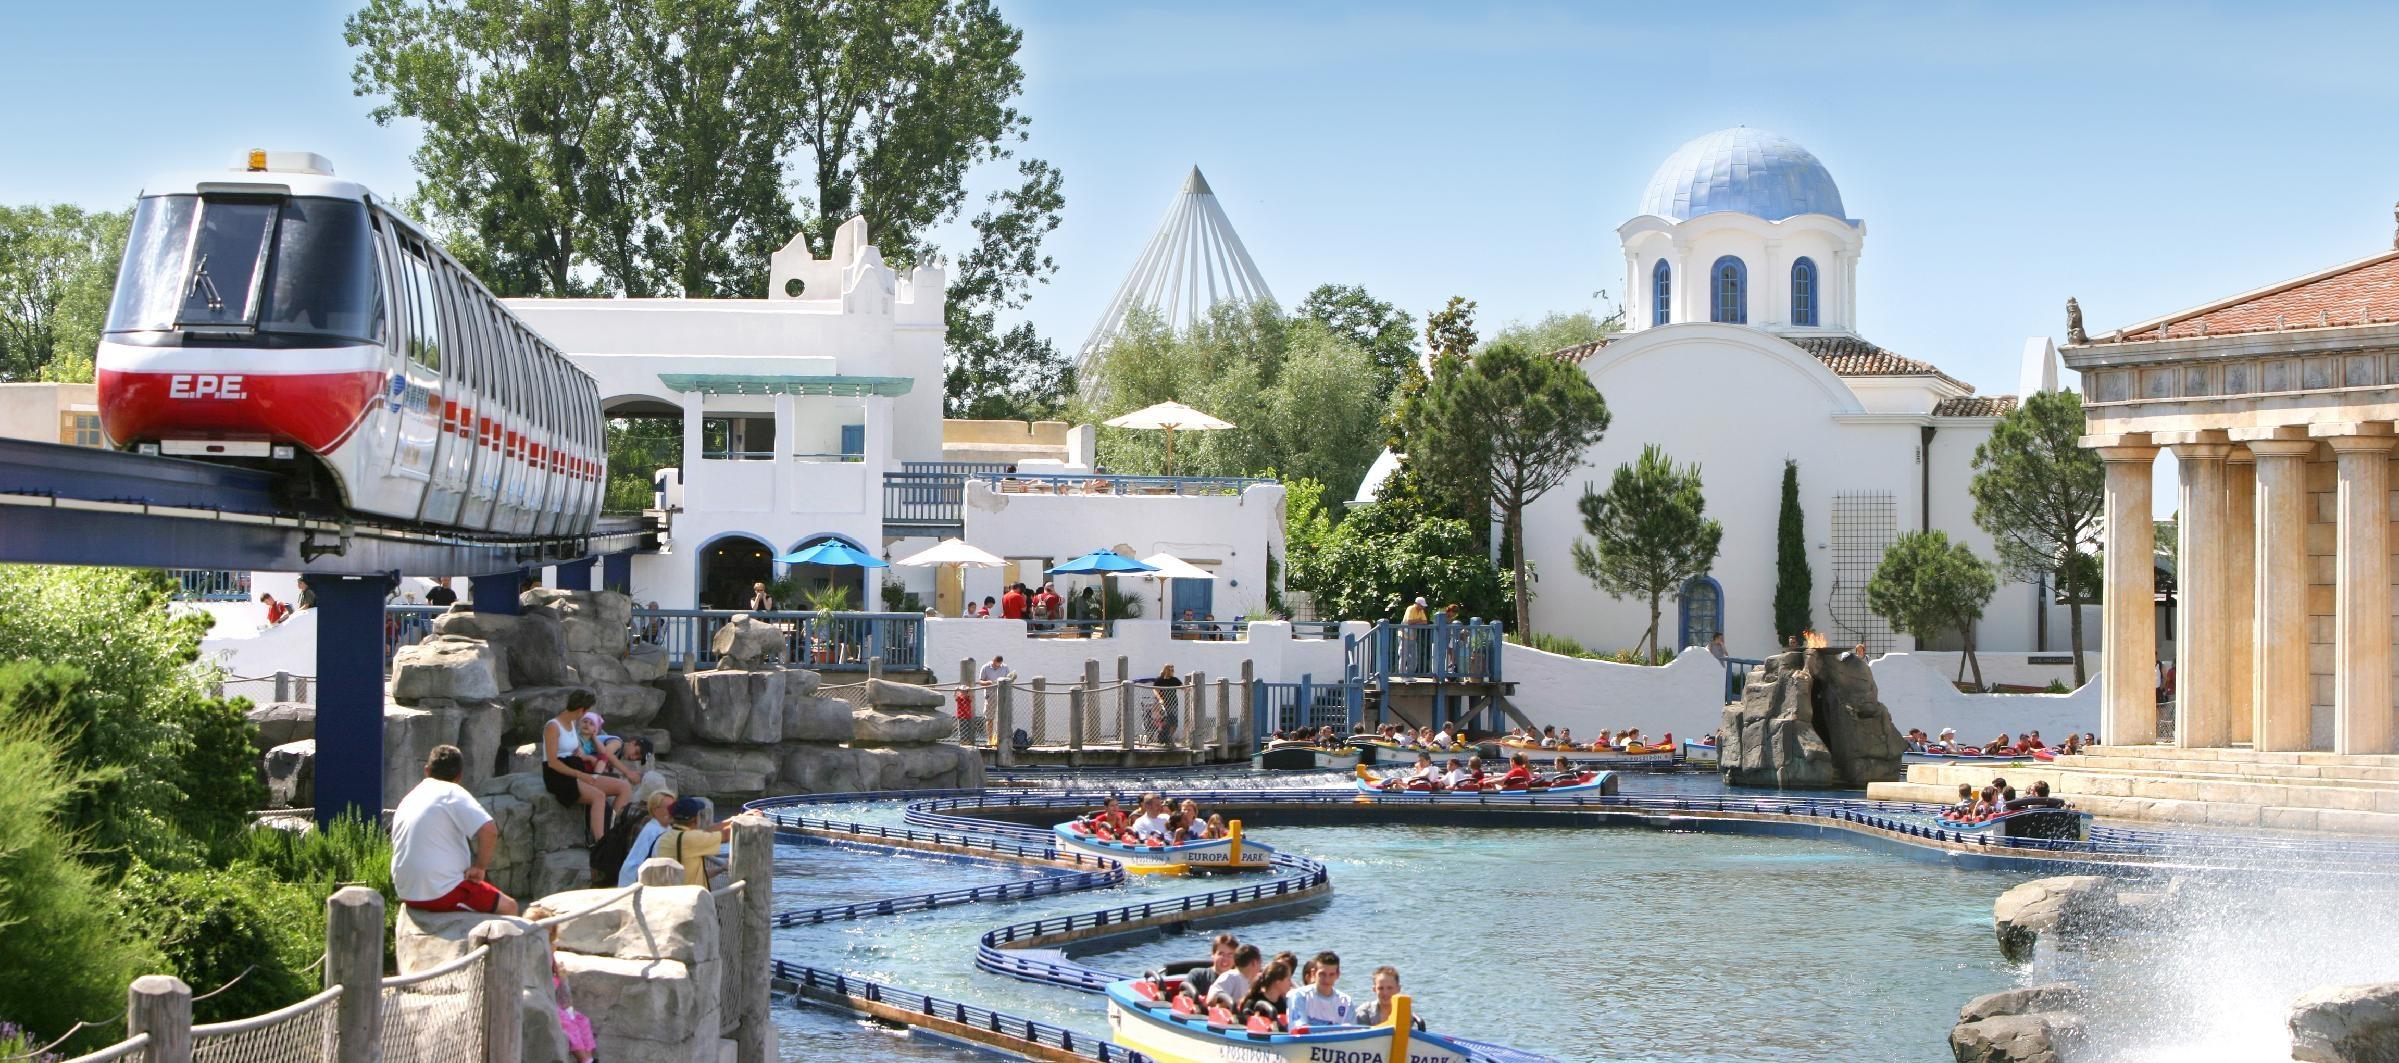 Europapark Poseidon